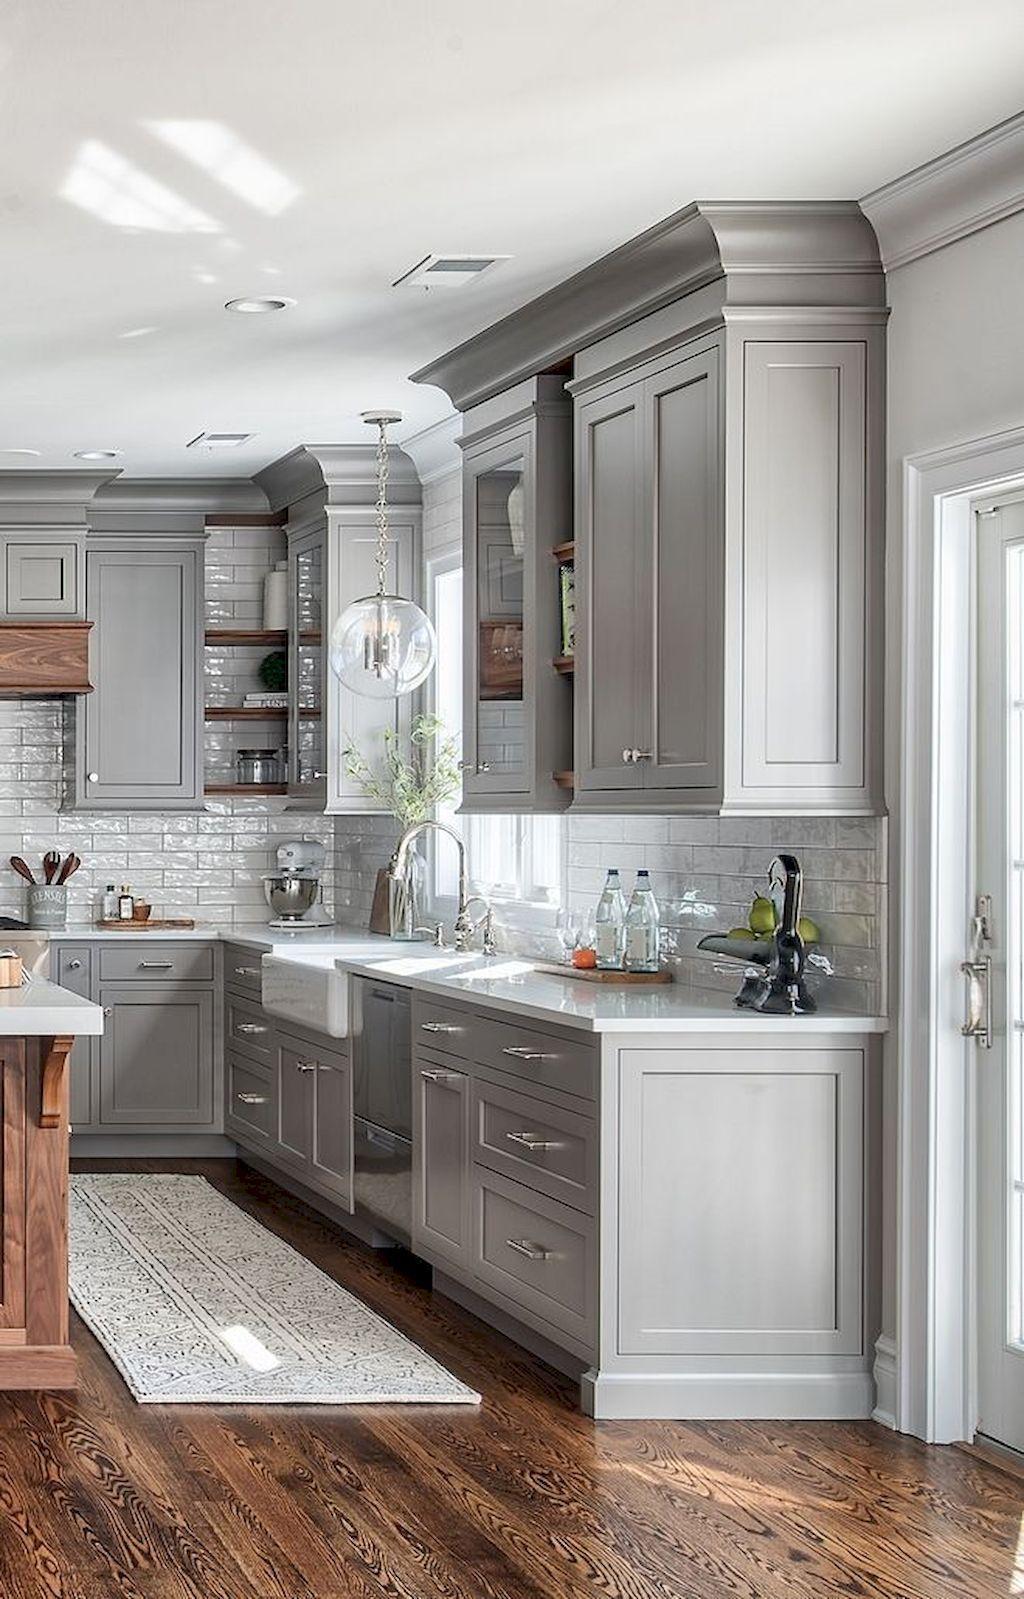 Farmhouse Kitchen Design Grey Kitchen Cabinets New Kitchen Cabinets Kitchen Renova In 2020 Kitchen Cabinet Styles Kitchen Renovation Cost Grey Kitchen Designs